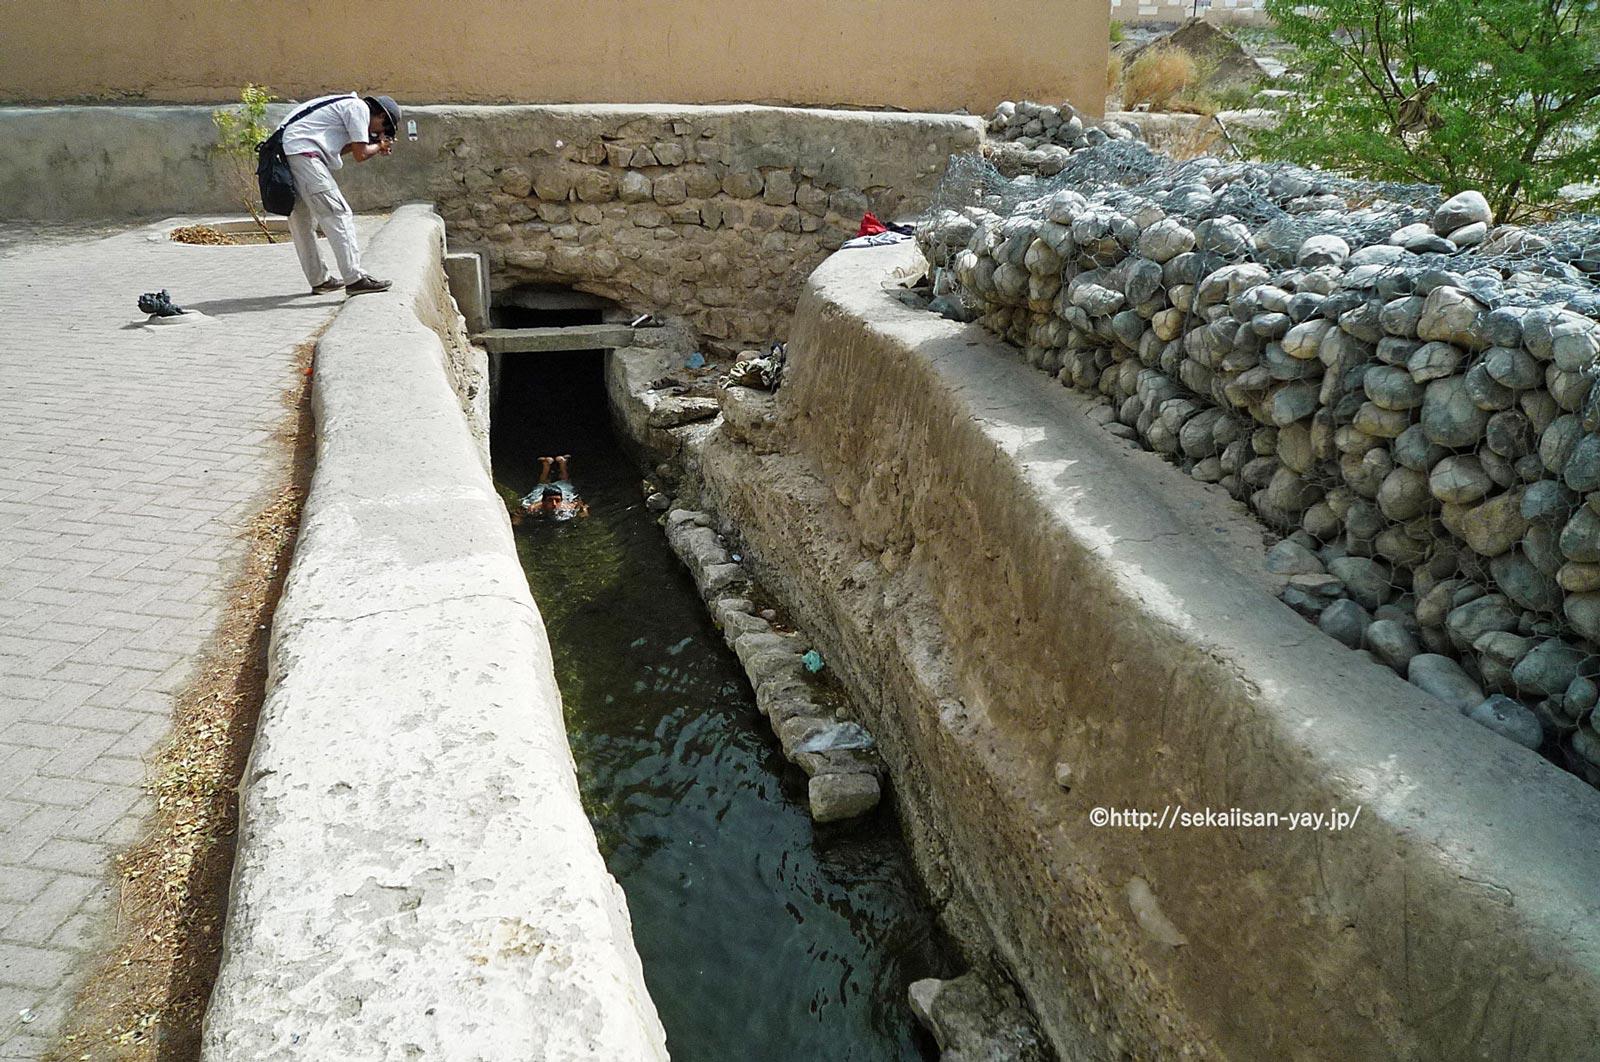 オマーン「アフラージュ、オマーンの灌漑システム」